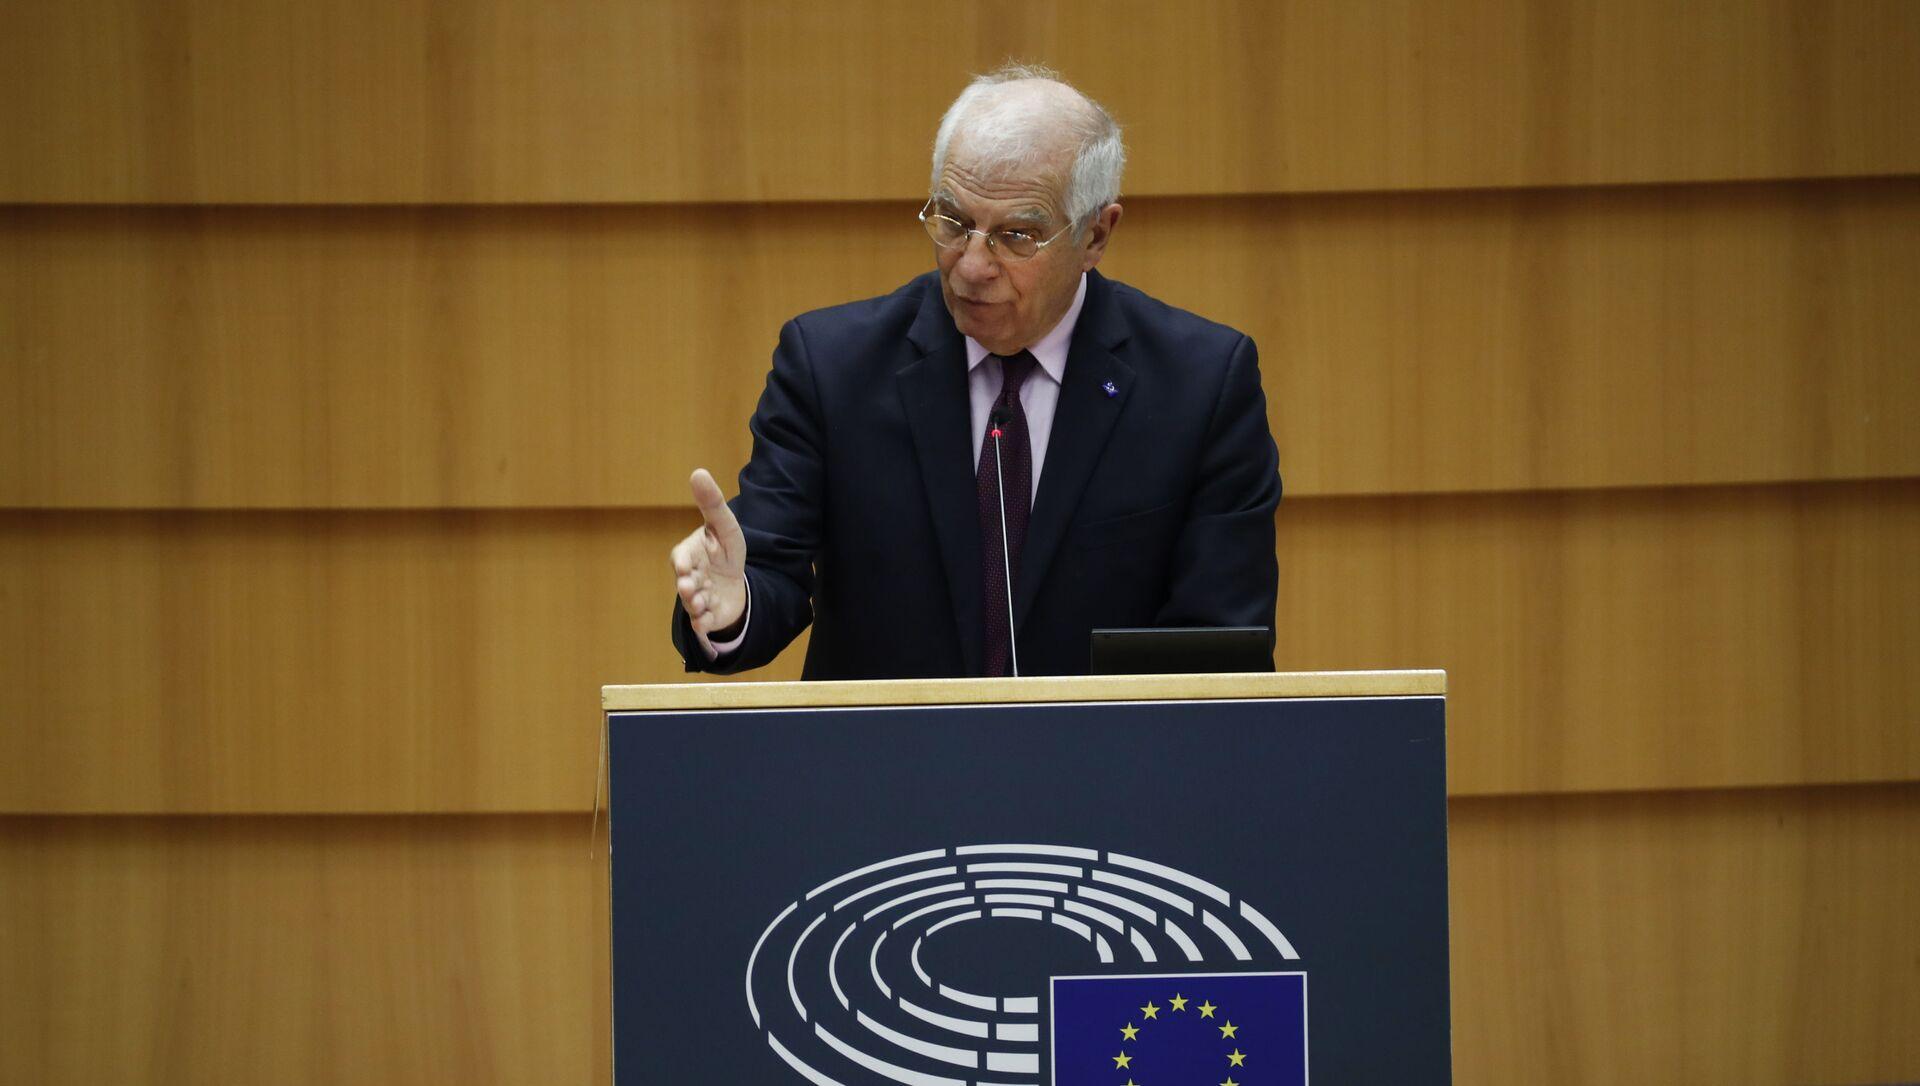 Wysoki Przedstawiciel UE ds. Polityki Zagranicznej i Bezpieczeństwa Josep Borrell przemawia w Parlamencie Europejskim - Sputnik Polska, 1920, 16.06.2021